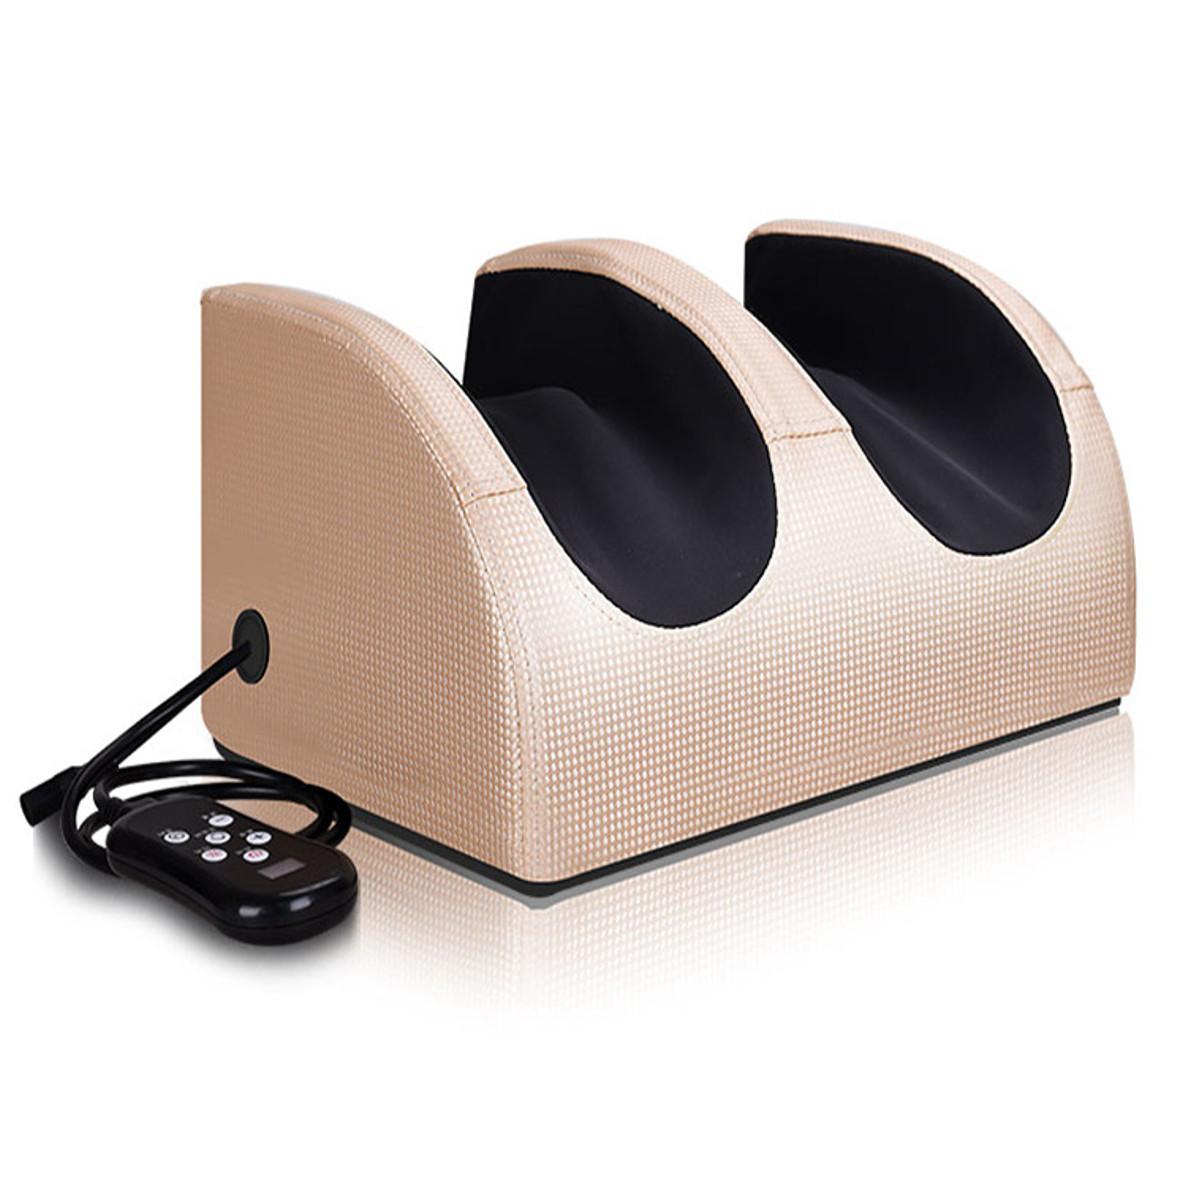 Многофункциональный#and#nbsp;электрический#and#nbsp;нагреватель#and#nbsp;для#and#nbsp;ног#and#nbsp;Массажер для расслабления Вибратор Машина для разминания ног с функц